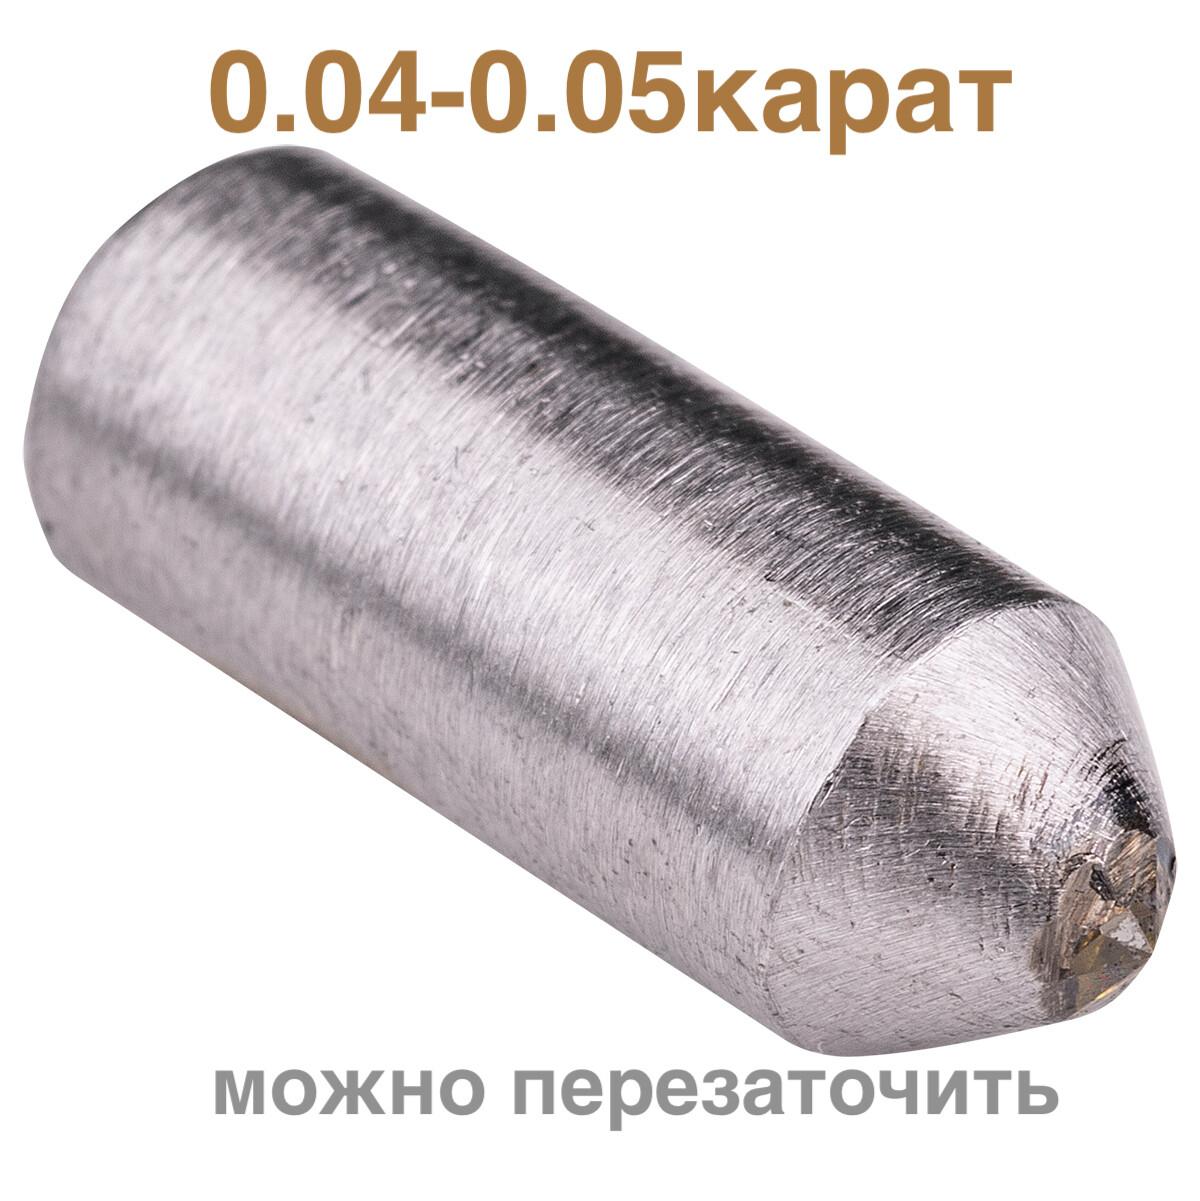 0.04-0.05кт. (ГРАВЕР-5) <115°8гр. алмазная игла для станка (№1)